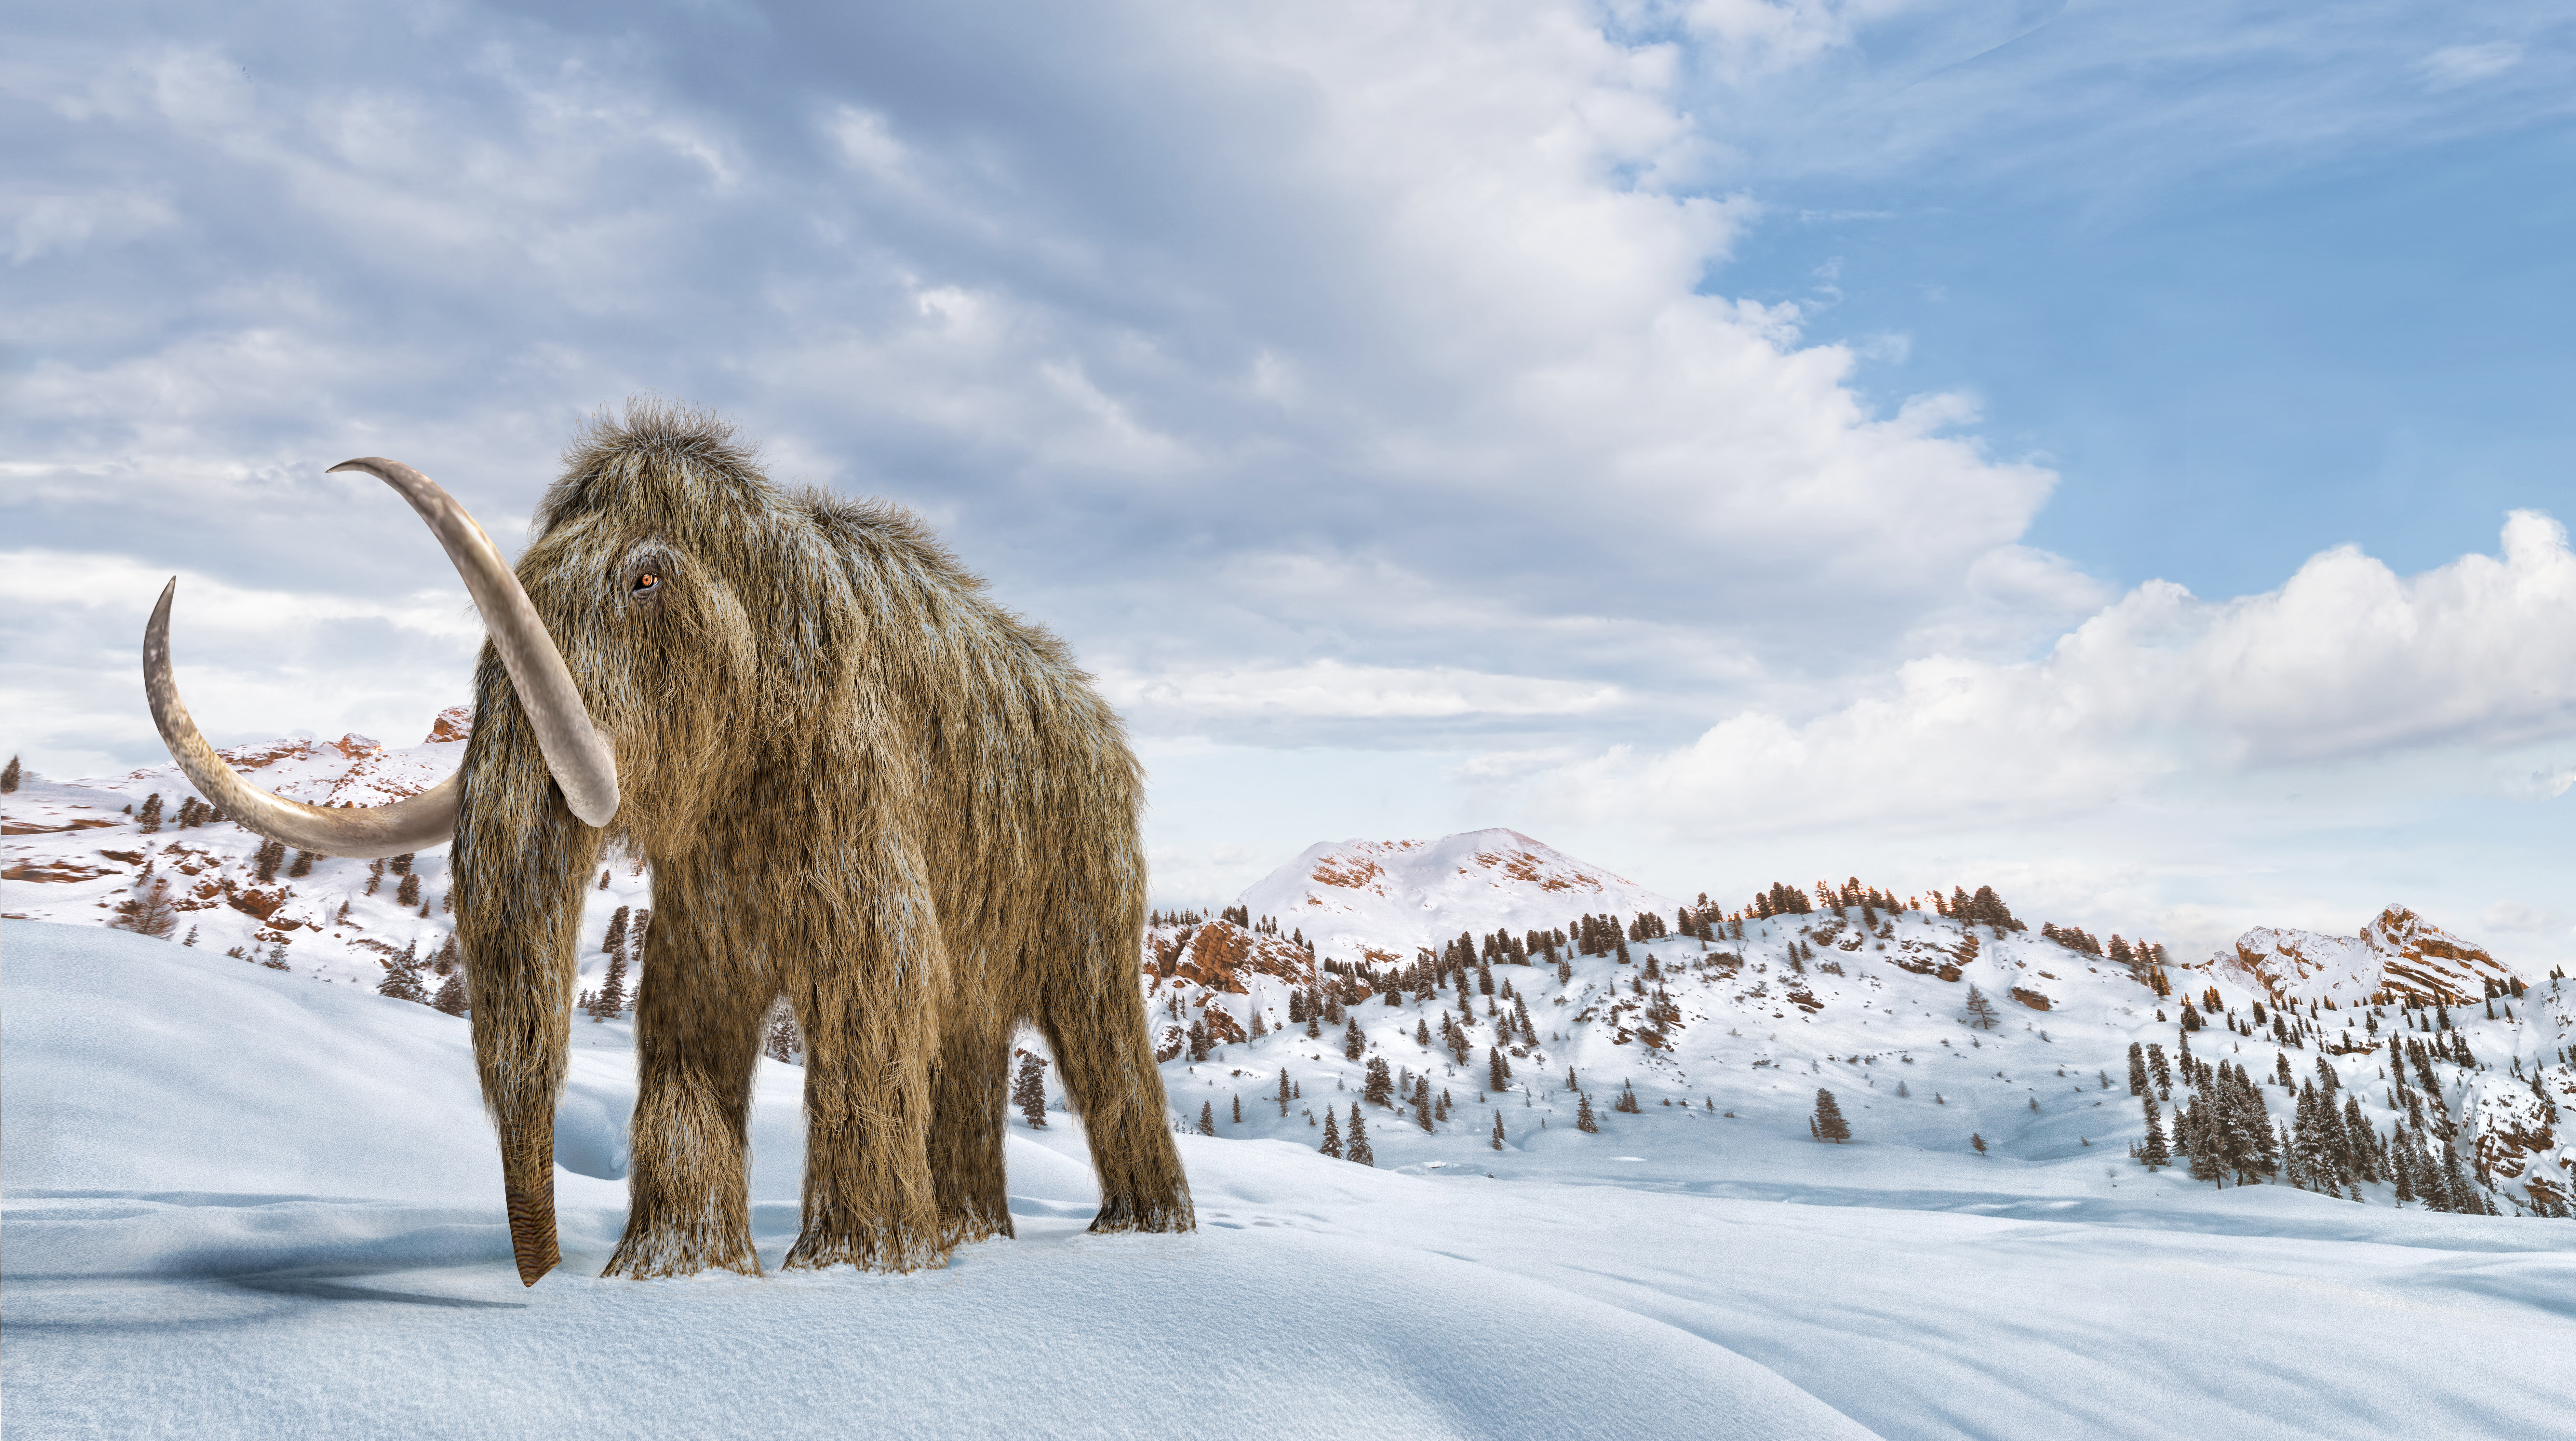 Felélesztenék a gyapjas mamutokat, hogy helyreállítsák az ökoszisztémát a tundrán